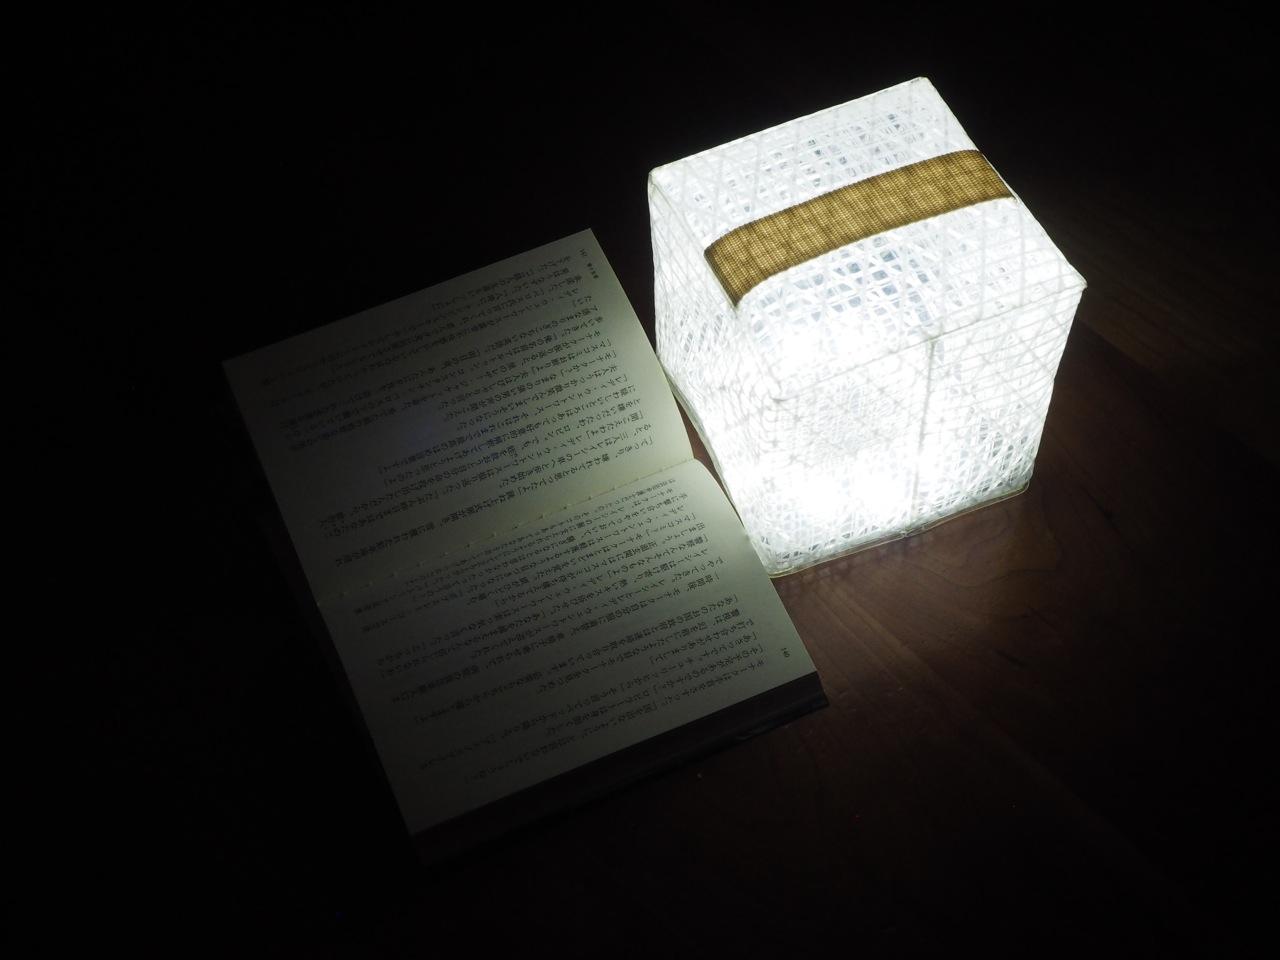 緊急時に持ち運べるソーラー充電式LED照明